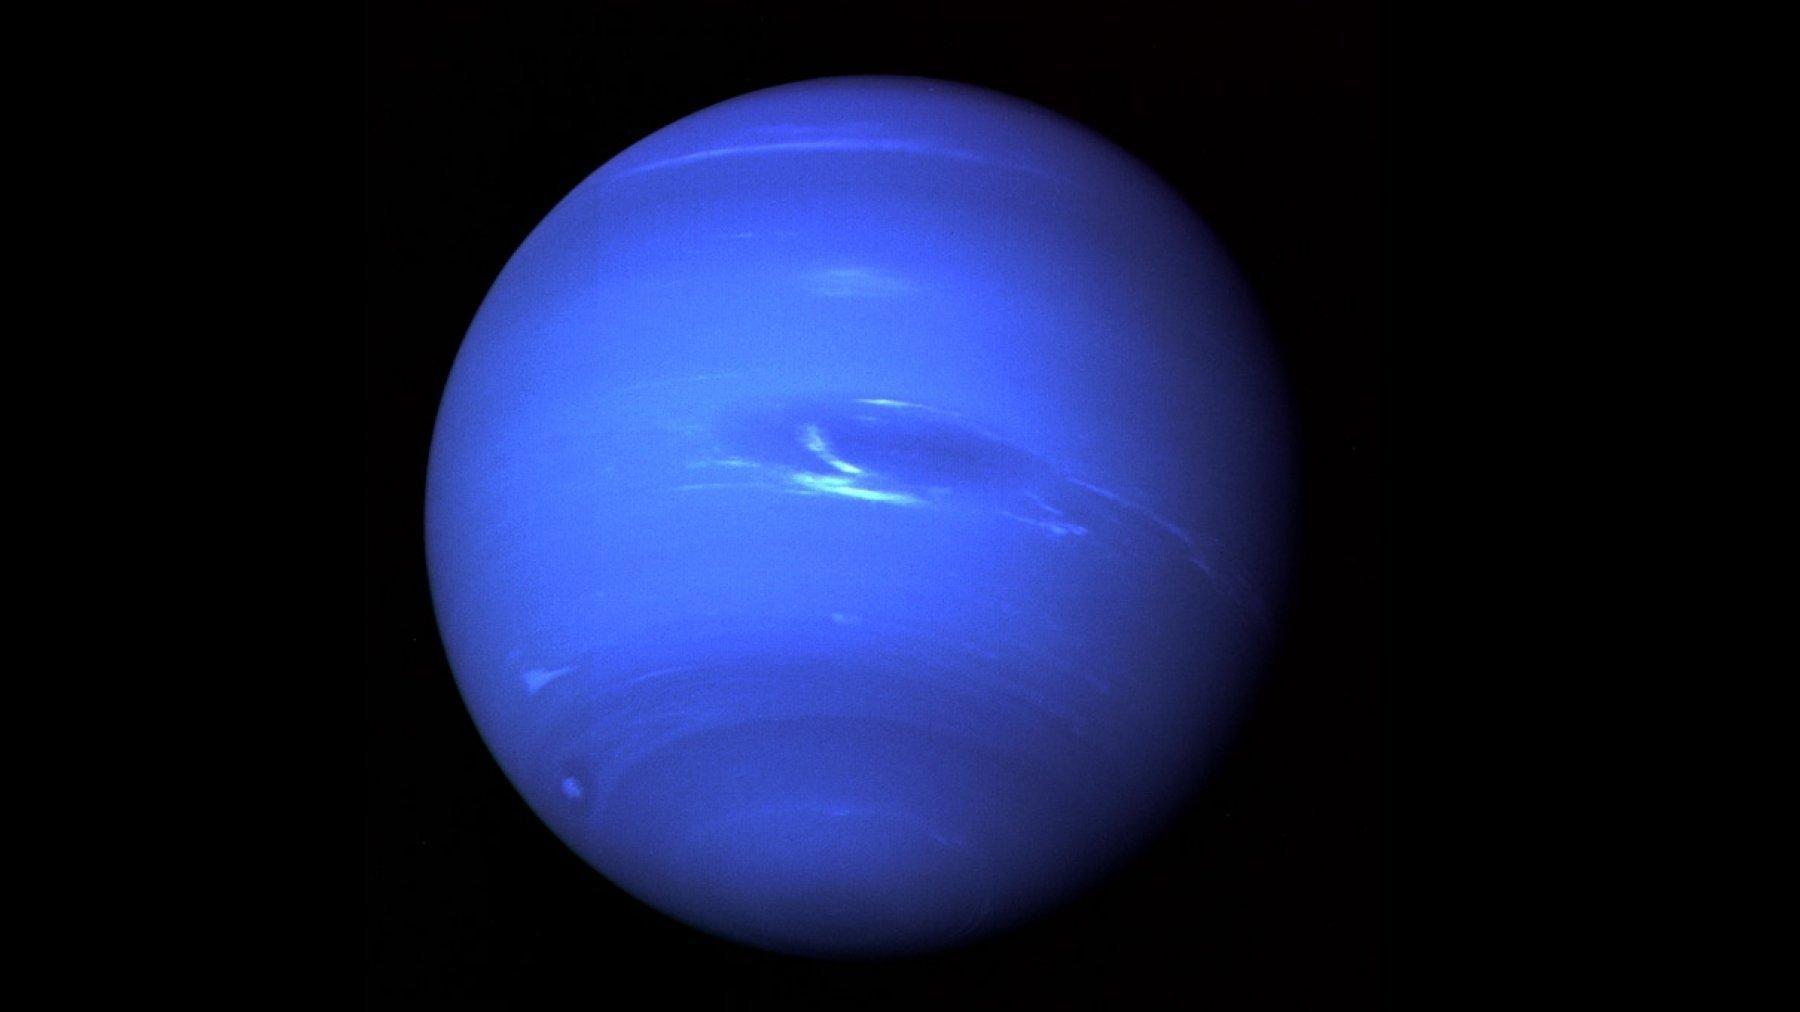 Neptun, am 22. August 1989von Voyager 2aufgenommen, zeigt wenig Detailreichtum – ähnlich wie der zuvor besuchte Uranus.